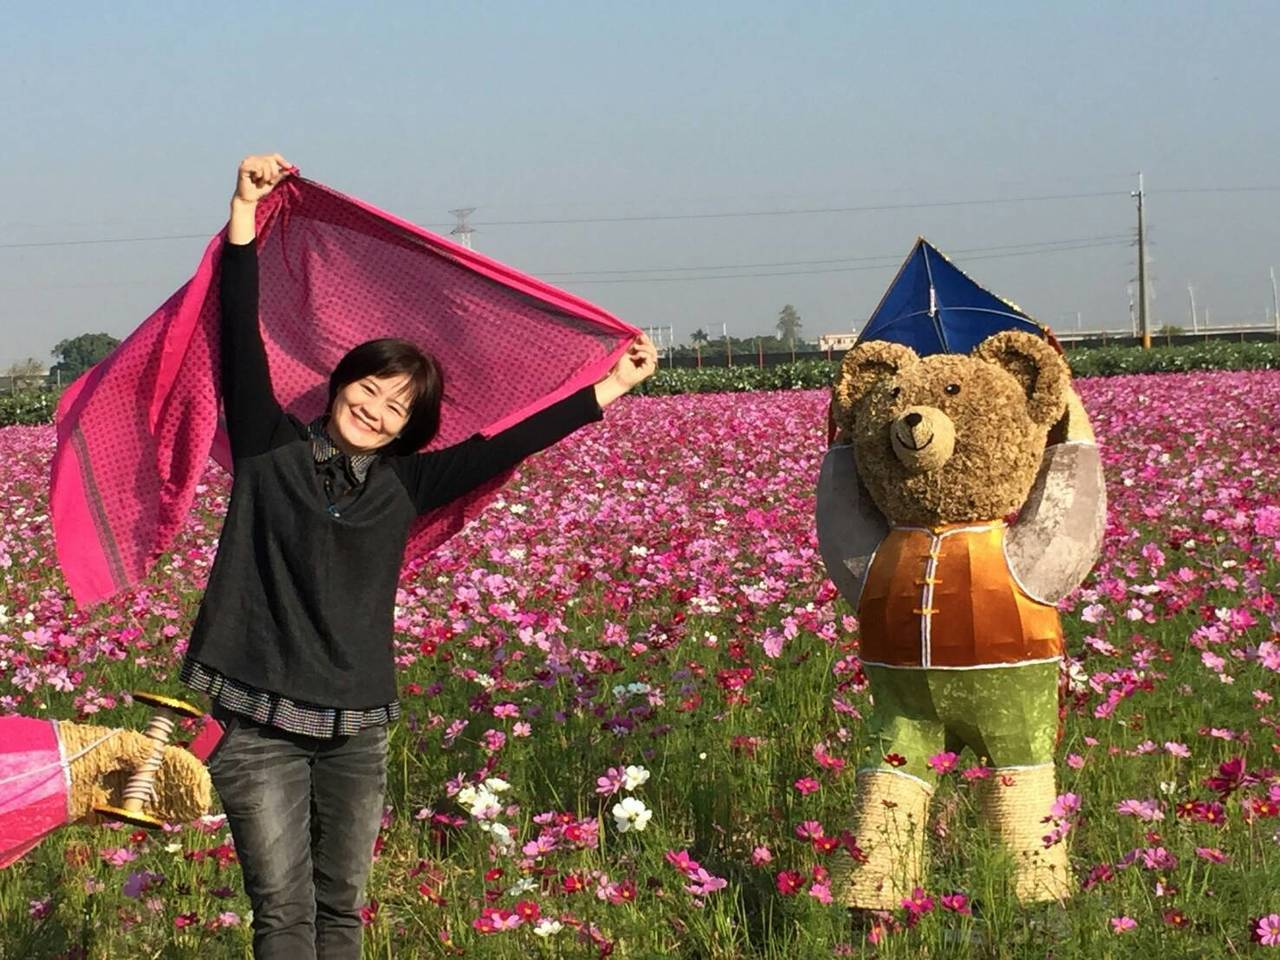 田中鎮稻草人藝術節明天登場,不過一大片美麗的波斯菊花海,和可愛的熊熊稻草人吸引許...